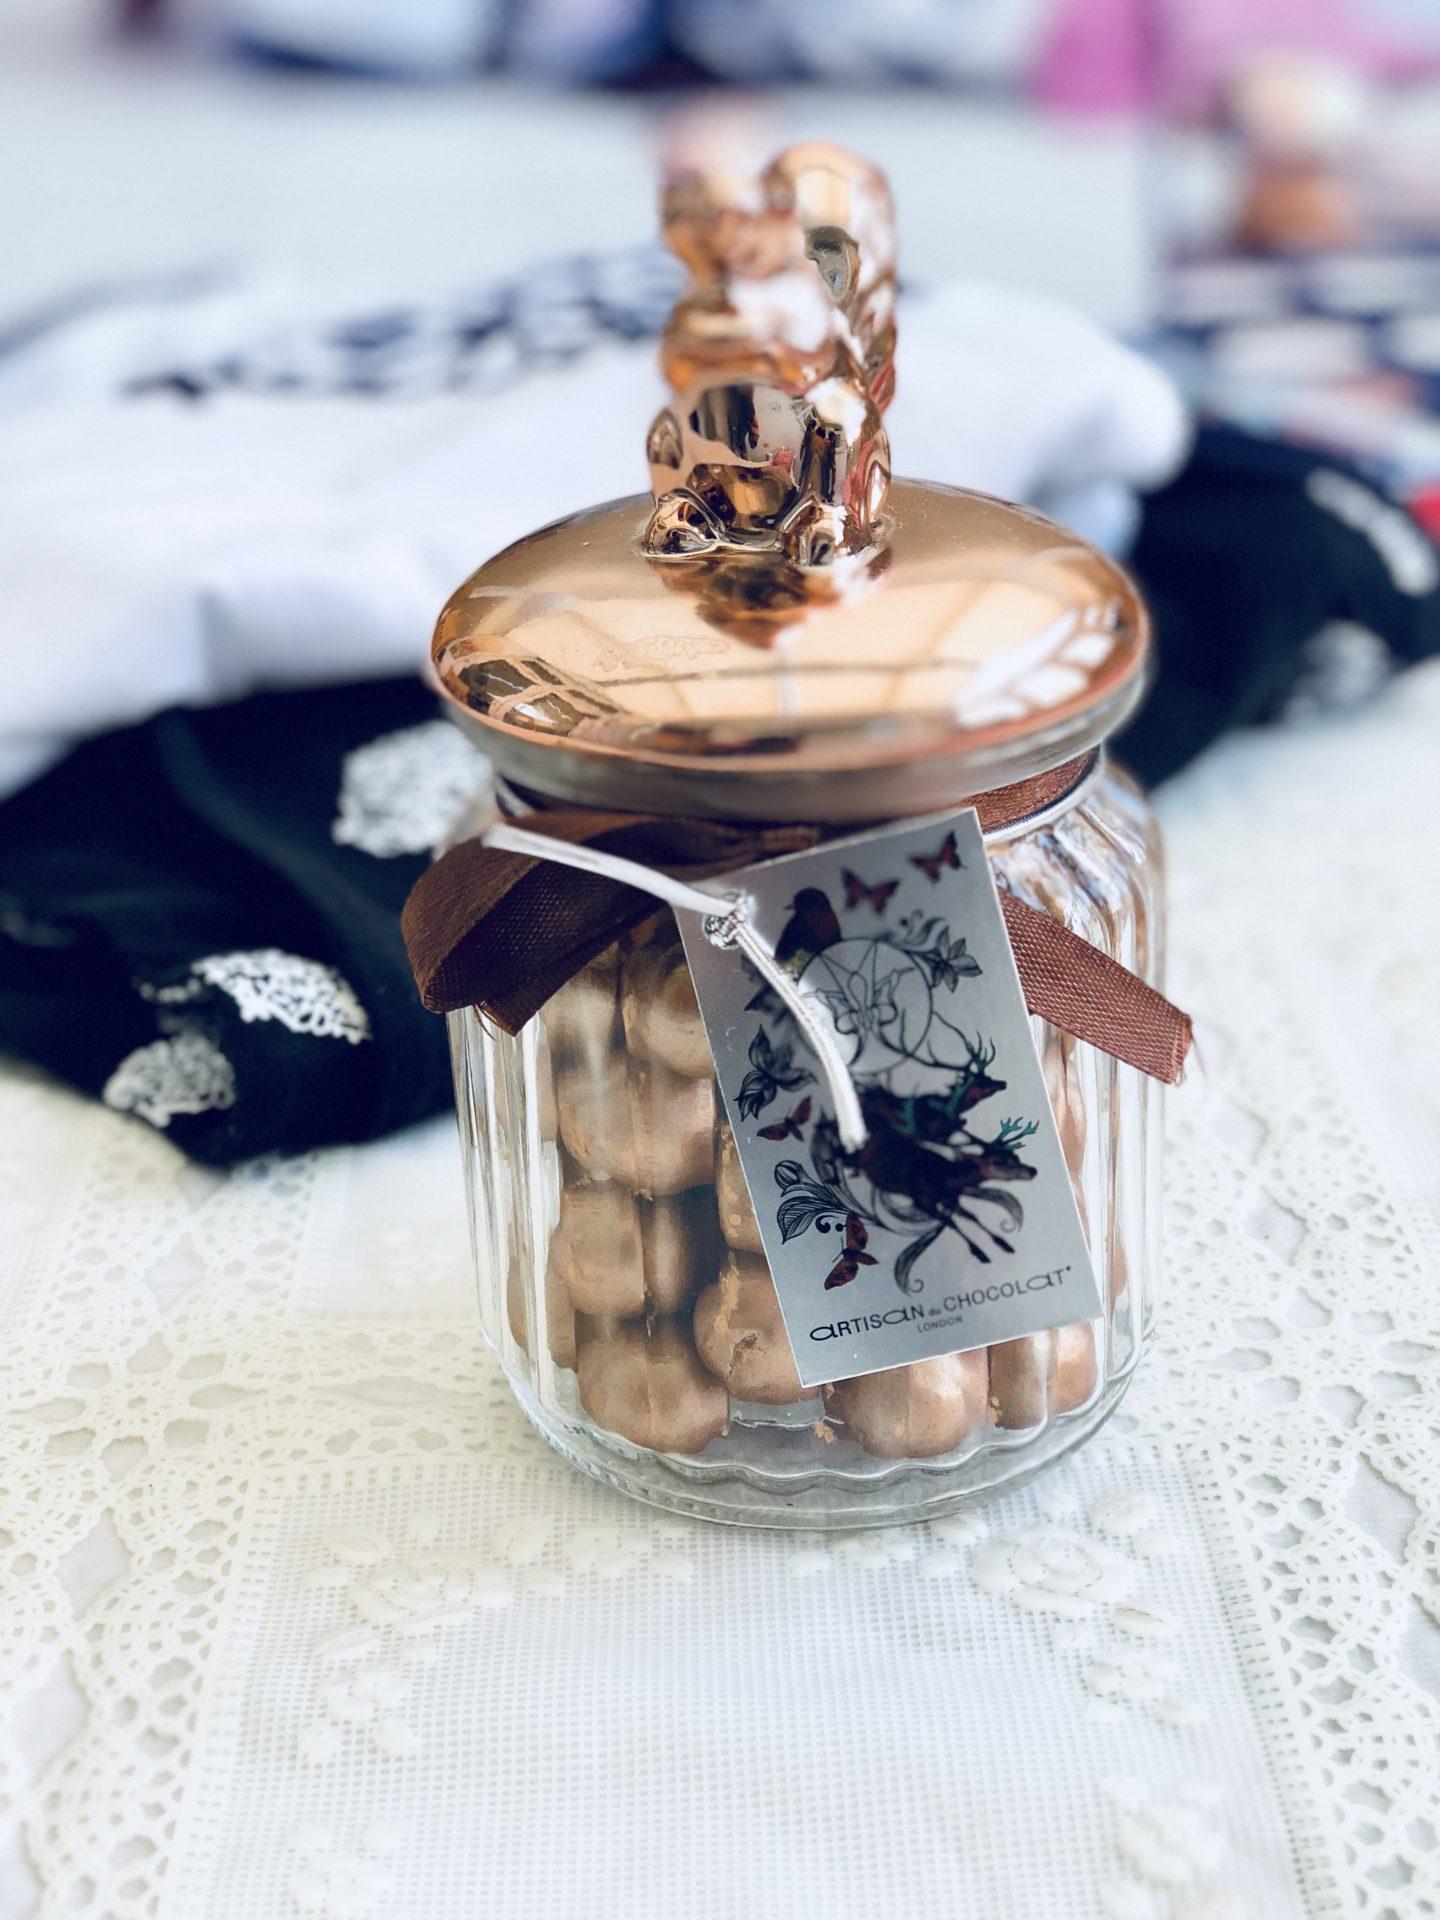 Last Minute Christmas Gift Idea-Sarah'sLifestyleDiary